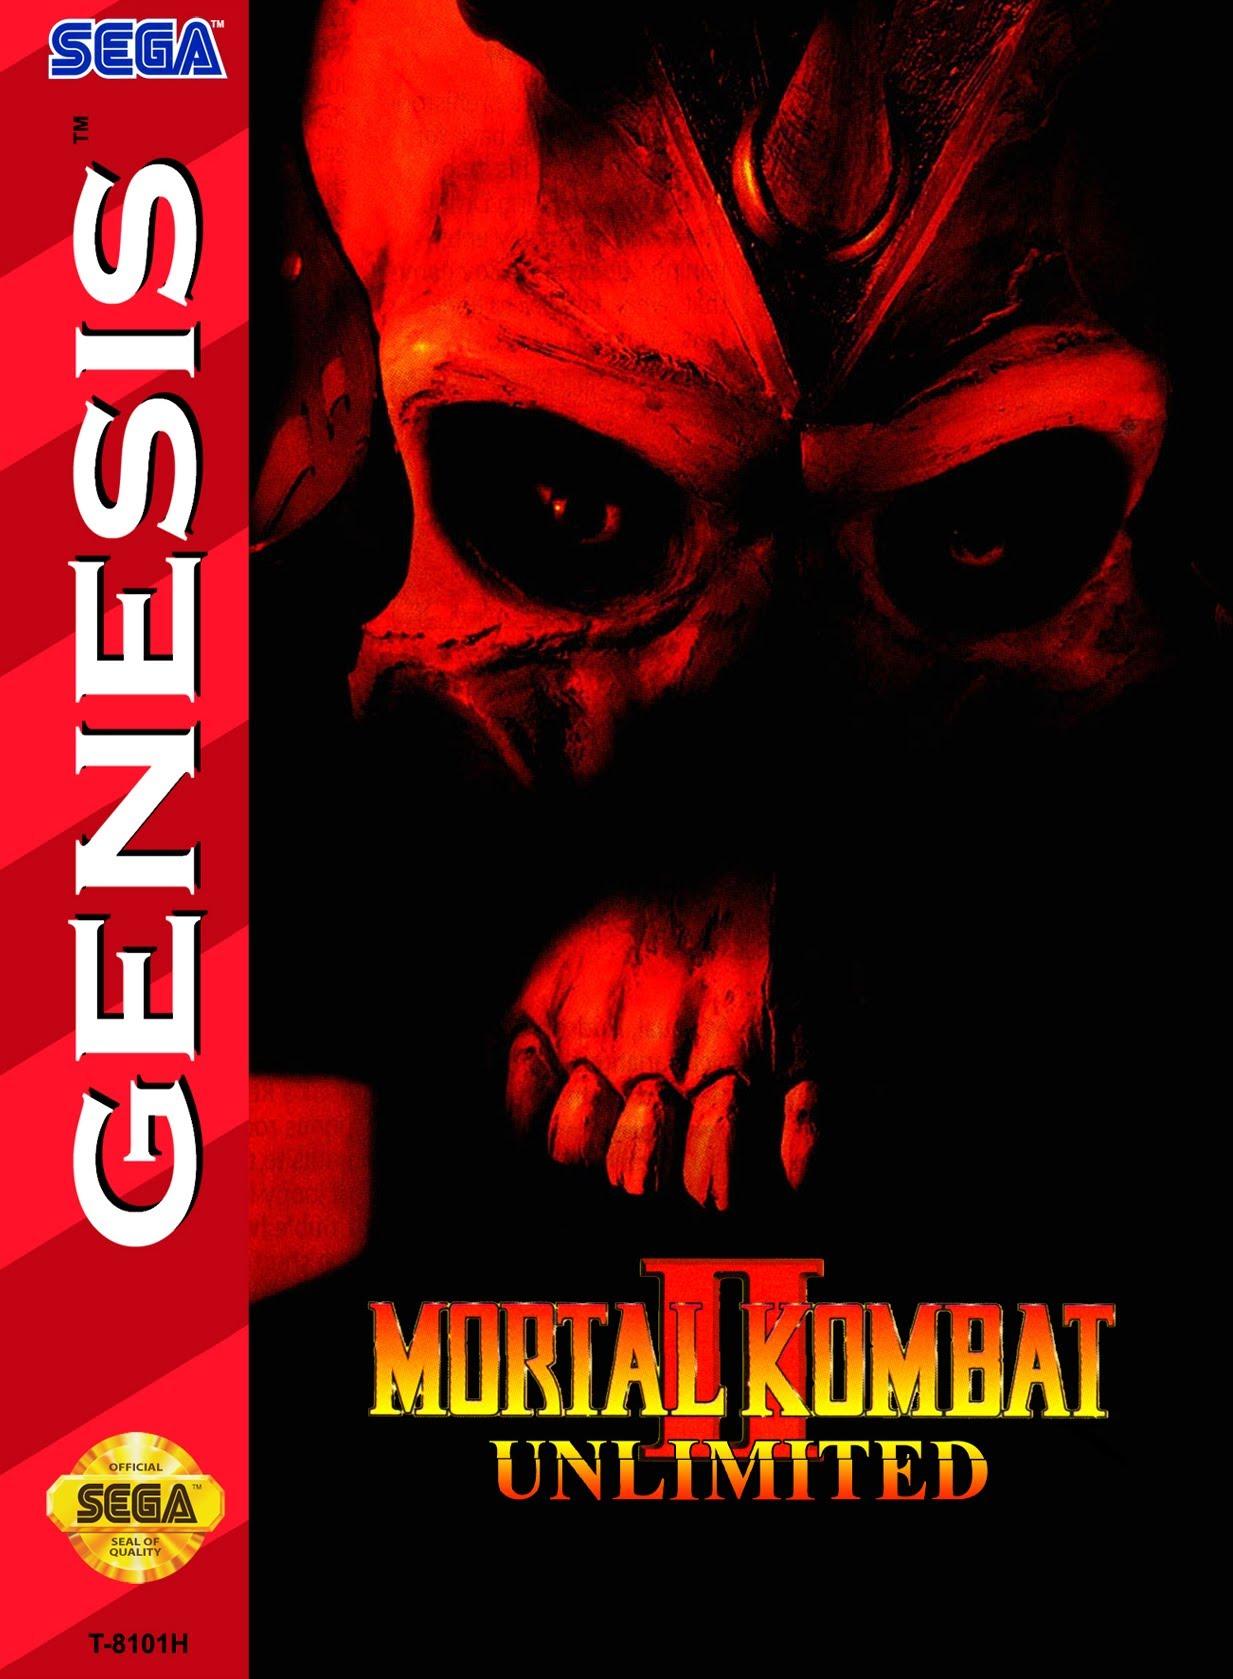 Mortal Kombat 2 Super Hack Sega Genesis • Mortal Kombat